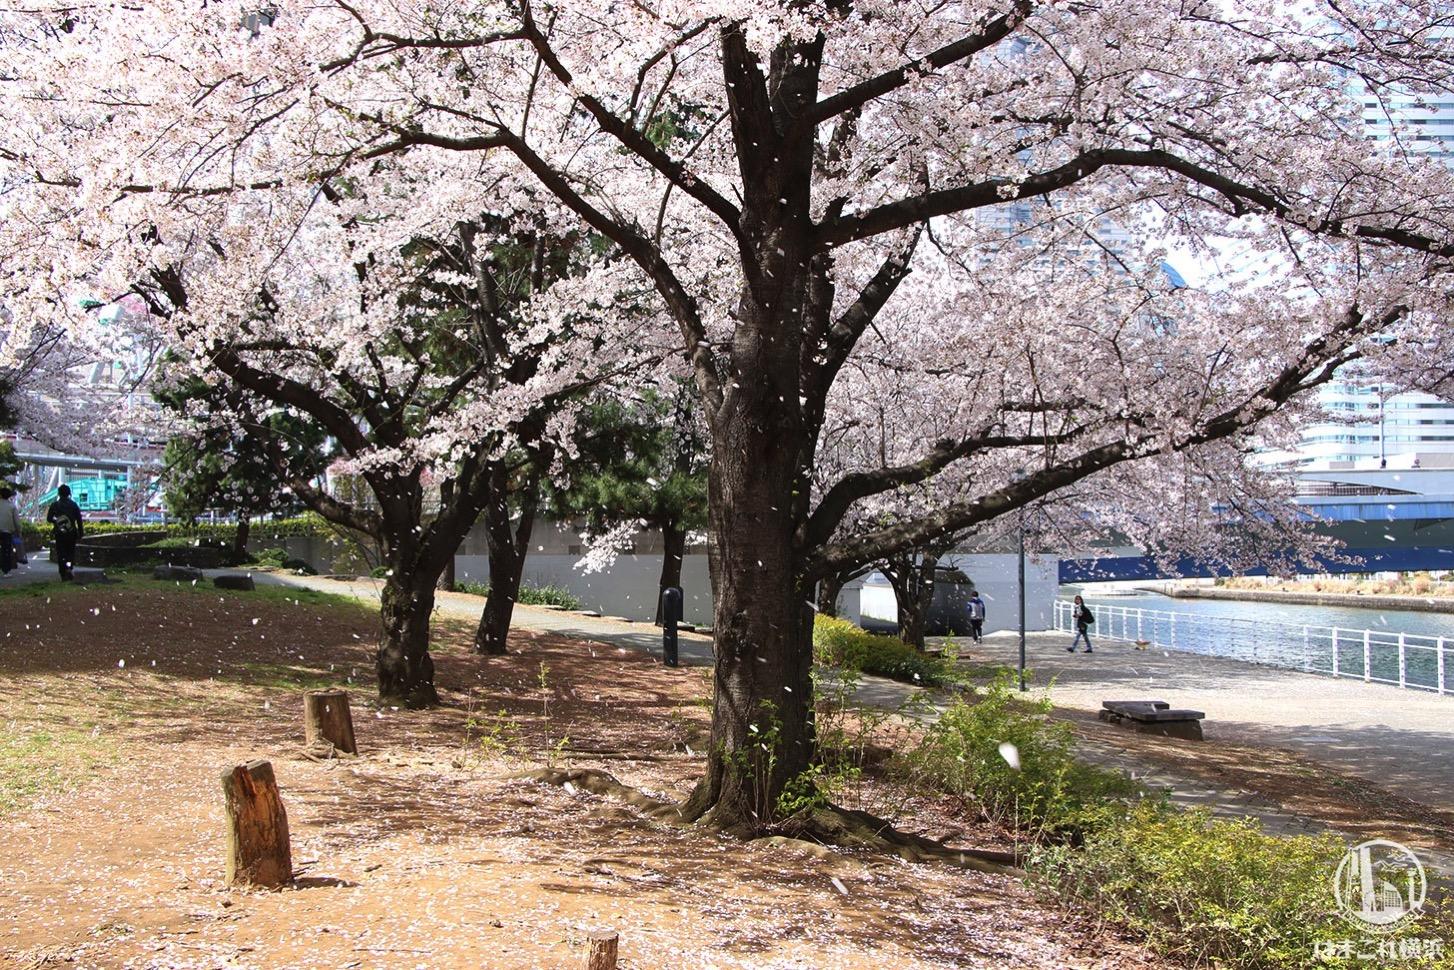 カップヌードルミュージアムパーク(新港パーク)の桜吹雪